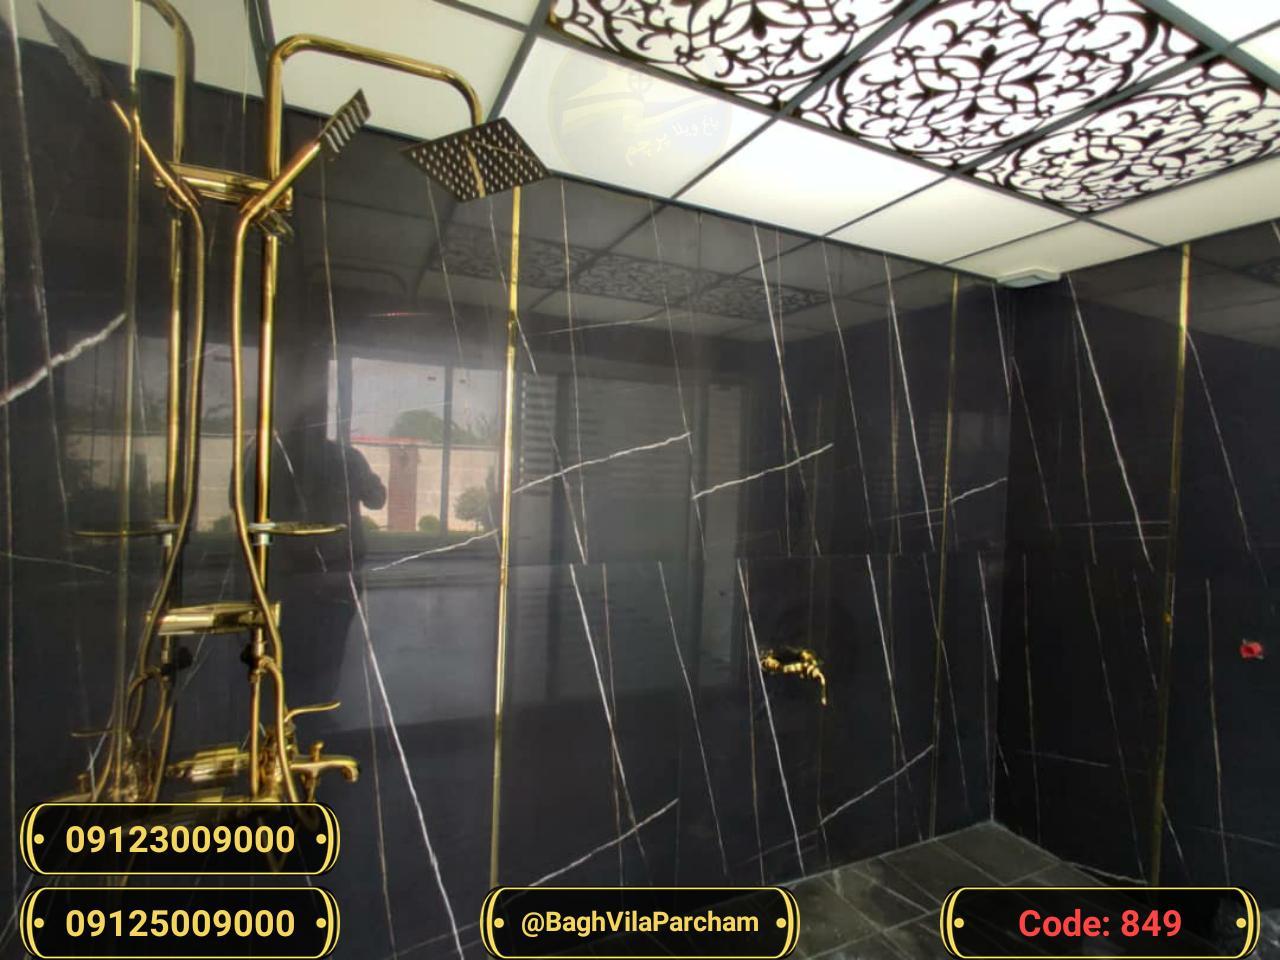 تصویر عکس باغ ویلا شماره 19 از ویلای ۶۰۰ متر ویلا مدرن و شیک Picture photo image 19 of ۶۰۰ متر ویلا مدرن و شیک